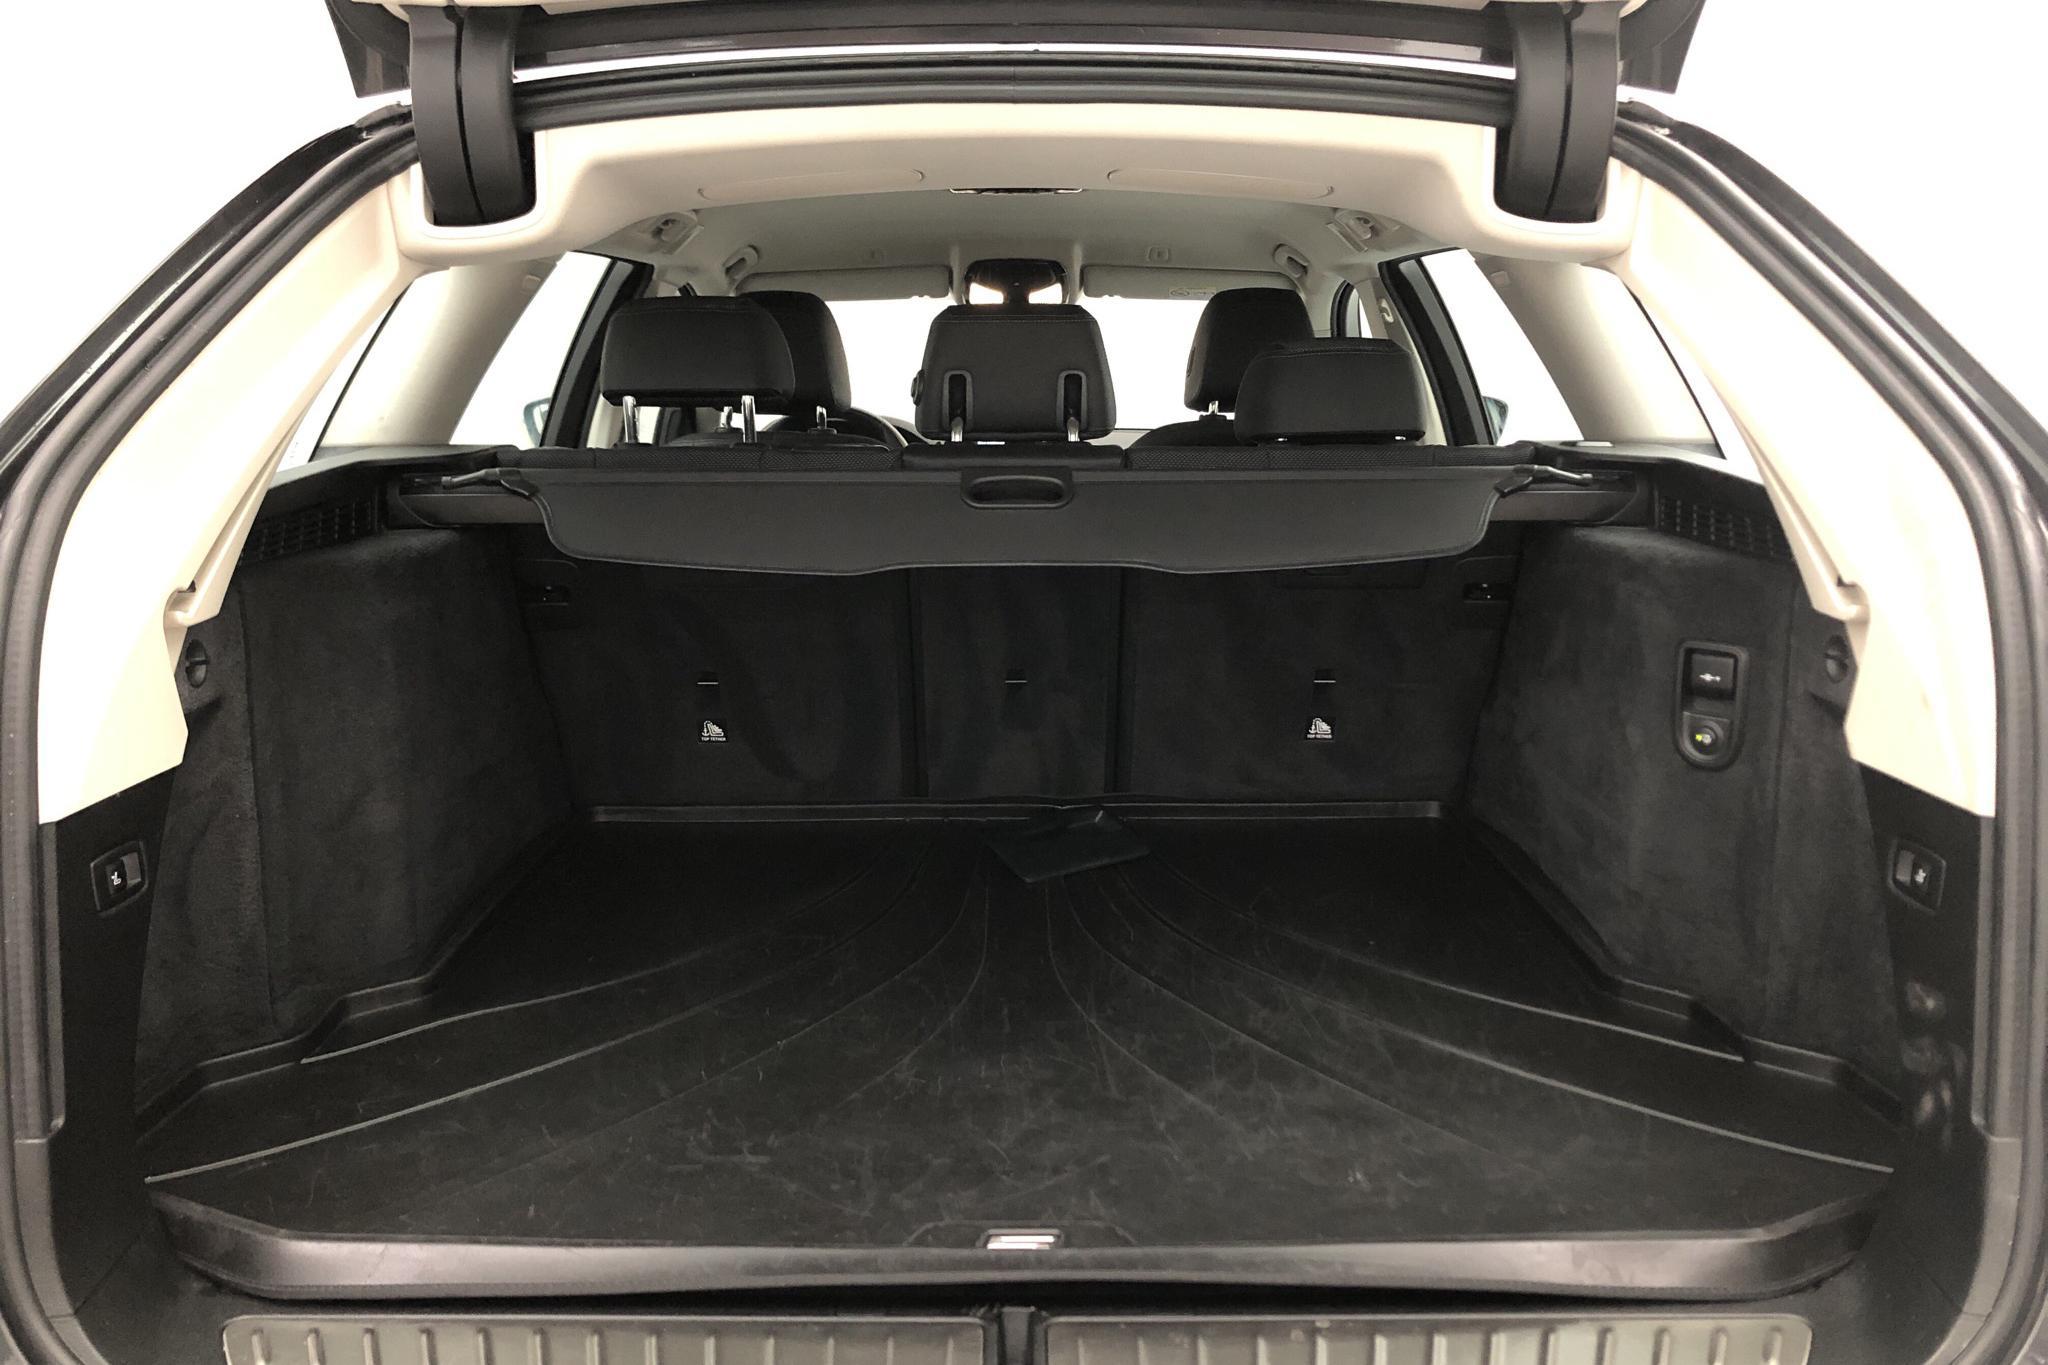 BMW 520d xDrive Touring, G31 (190hk) - 48 830 km - Automatic - gray - 2018